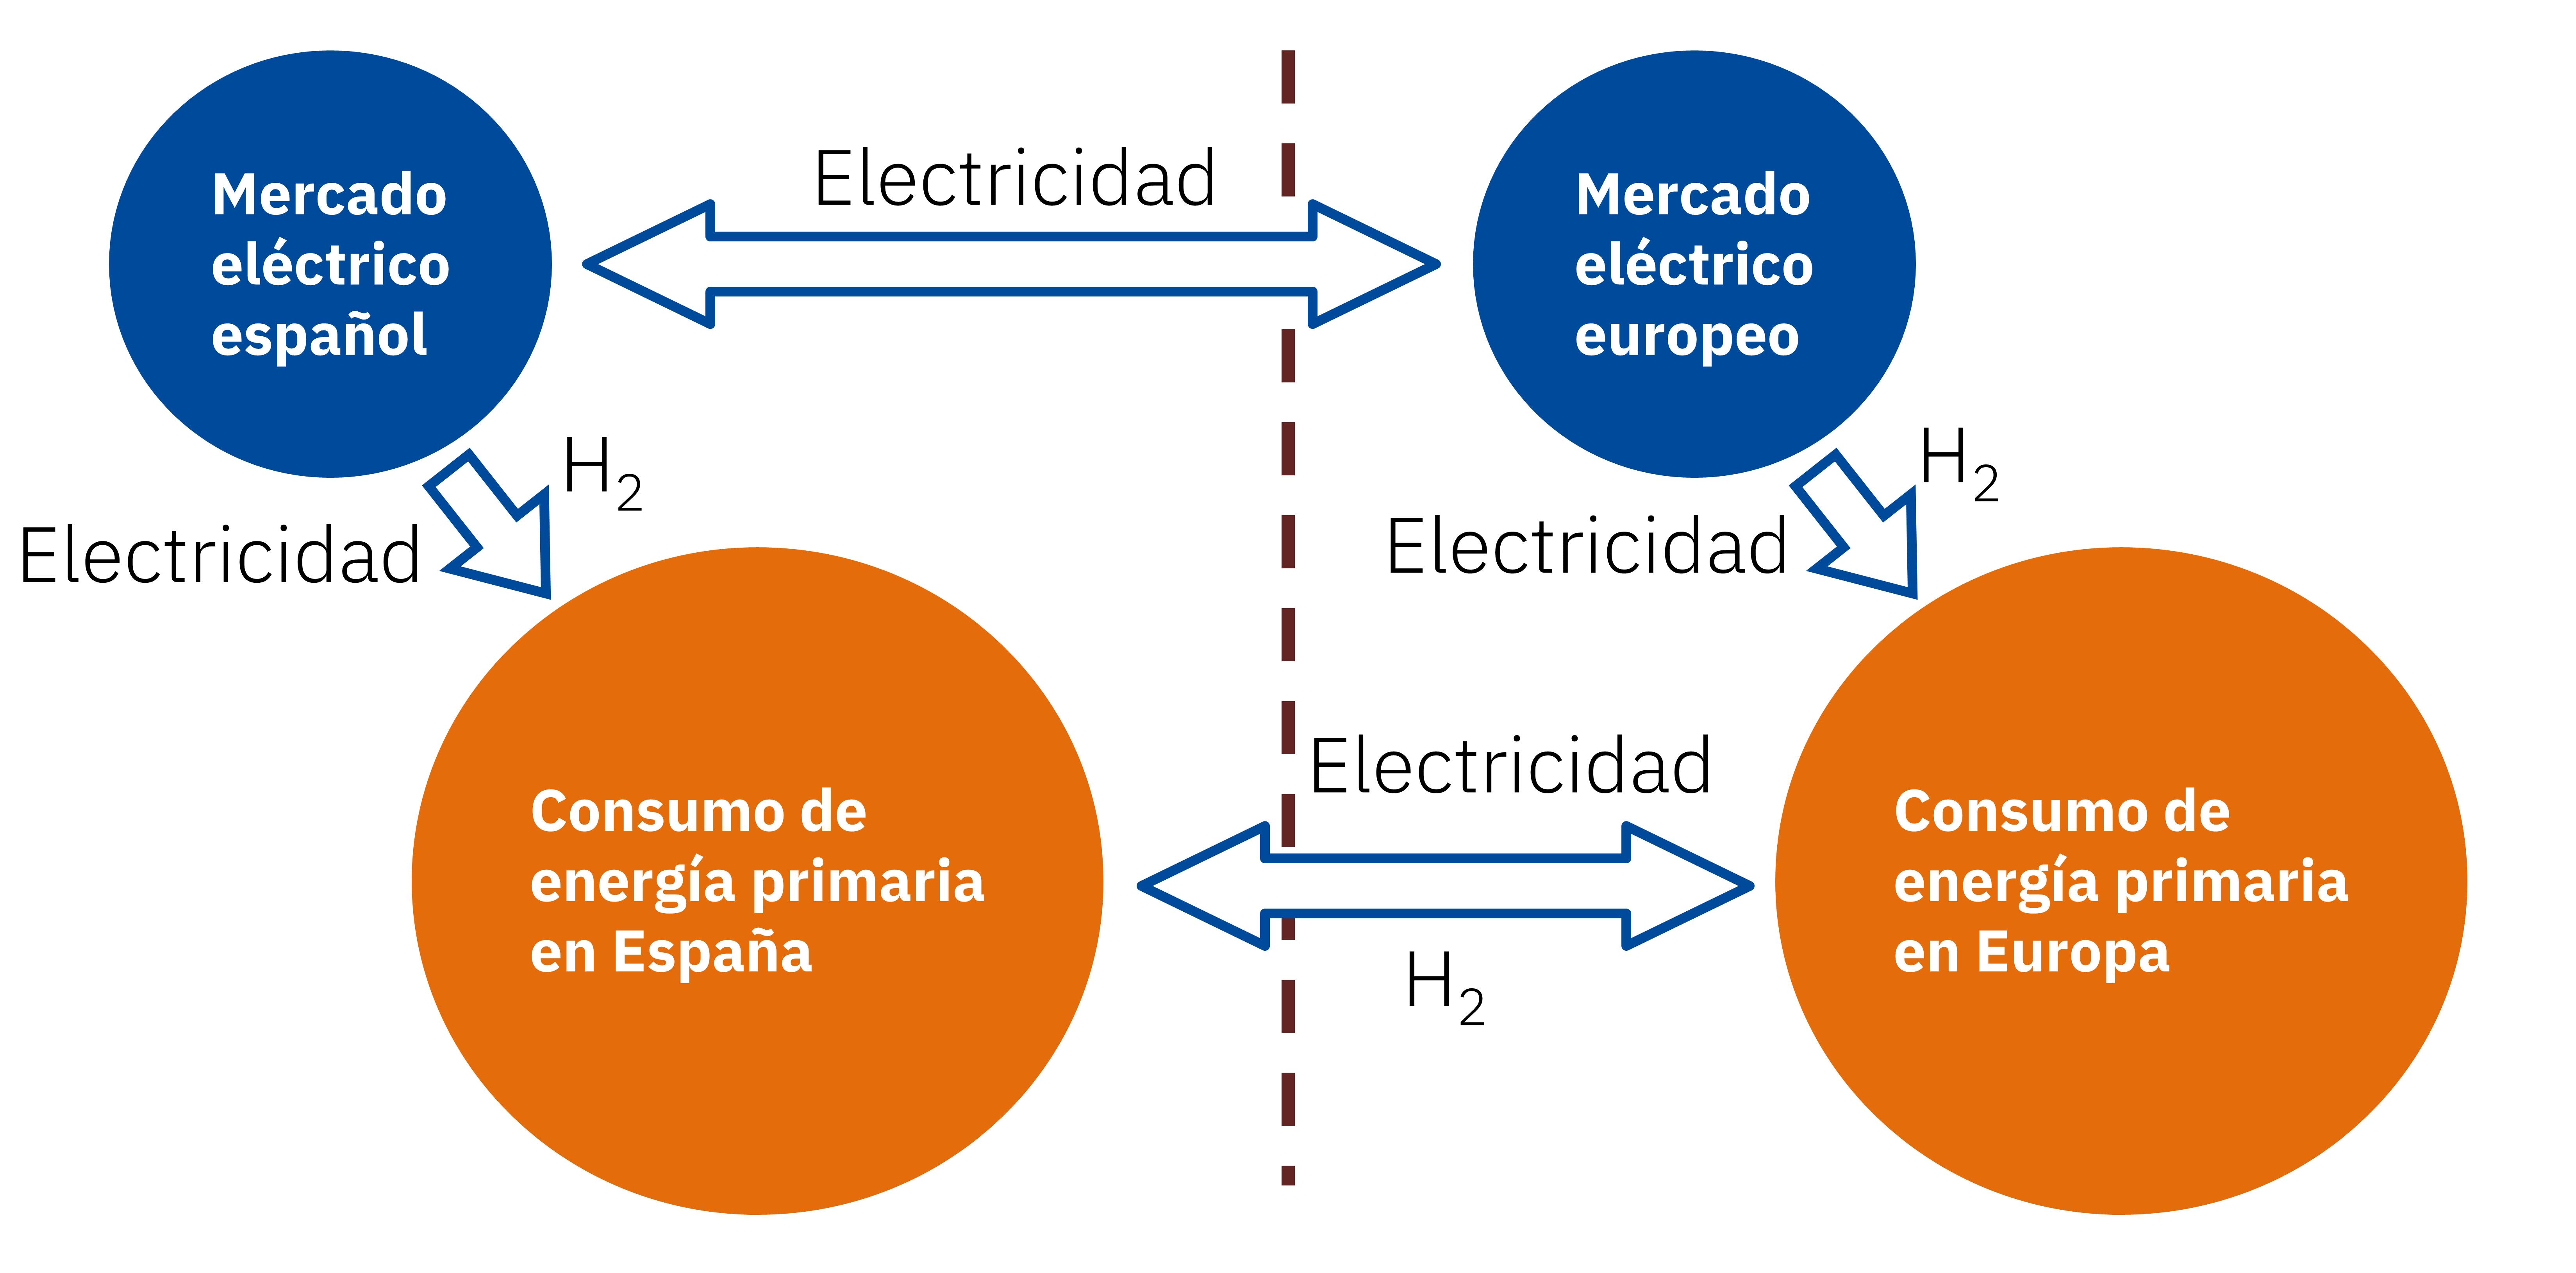 AleaSoft - Sistema energia Espanna Europa electricidad hidrogeno verde